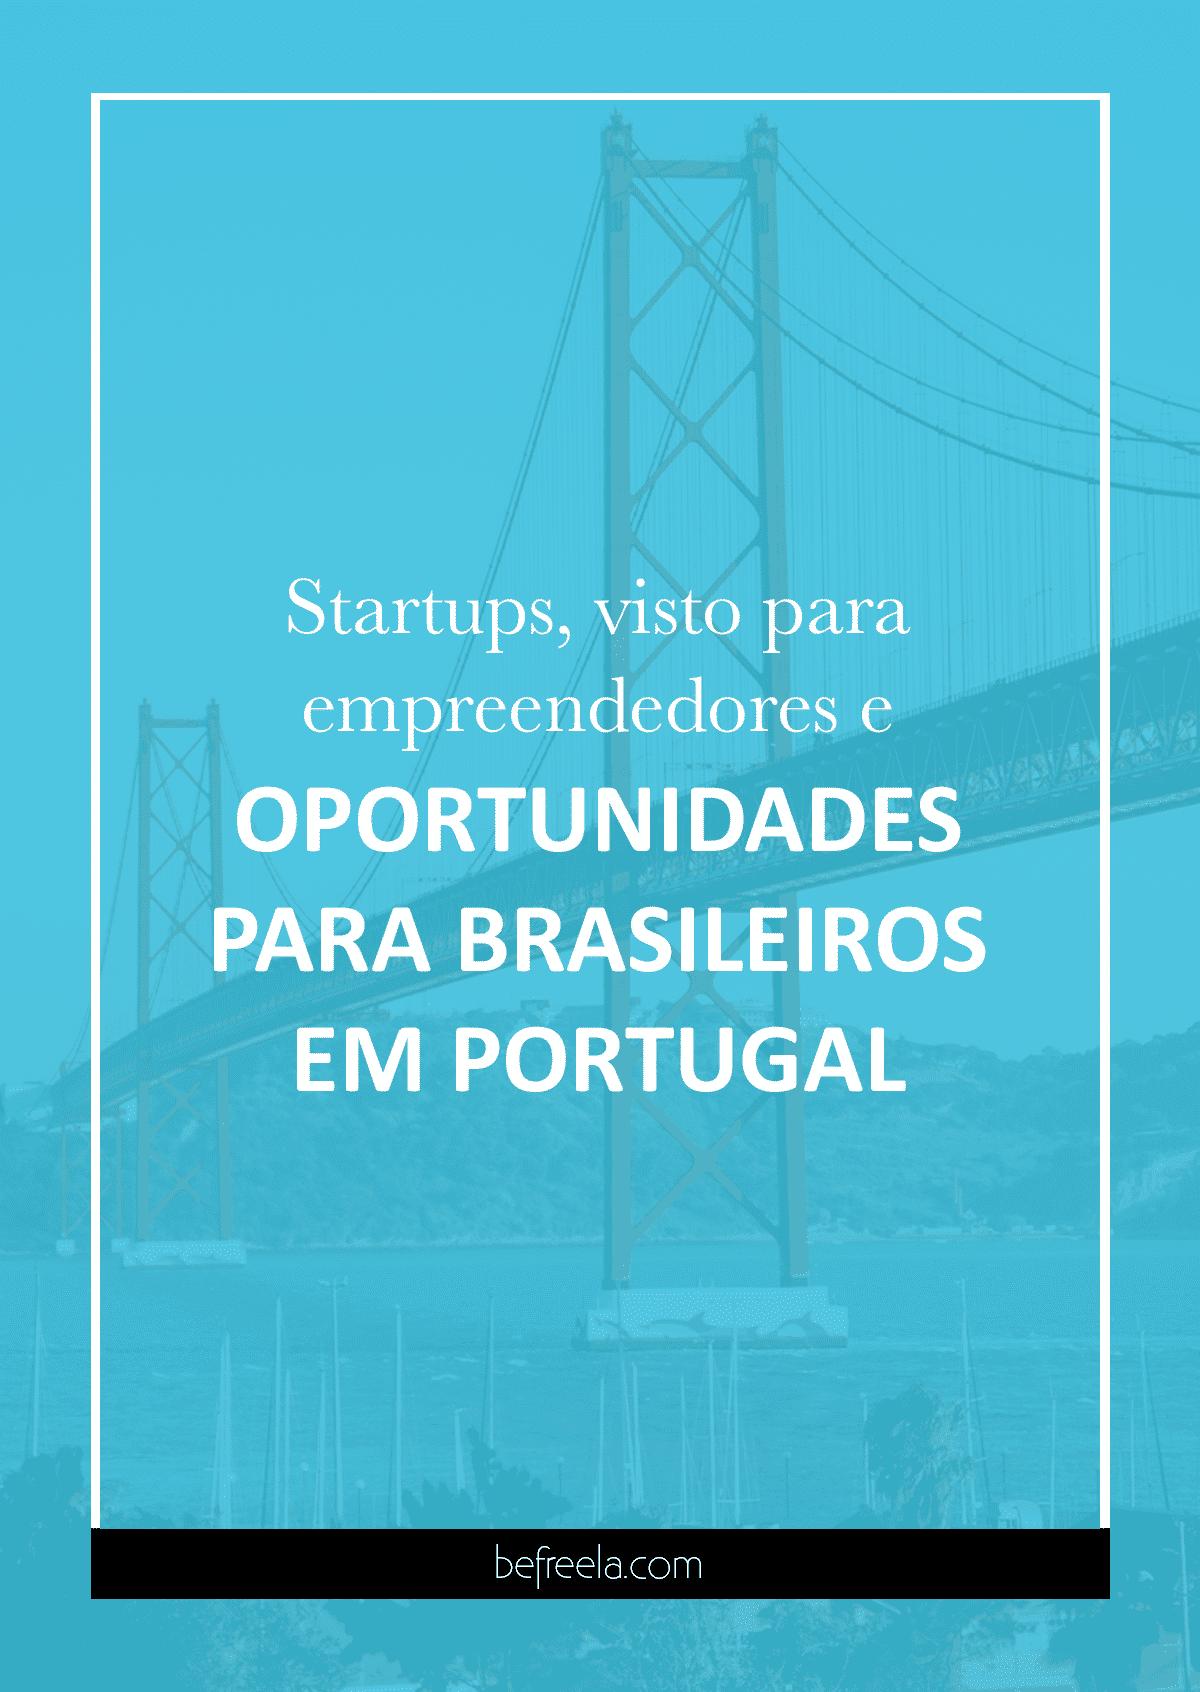 oportunidades-para-brasileiros-em-portugal-lisboa